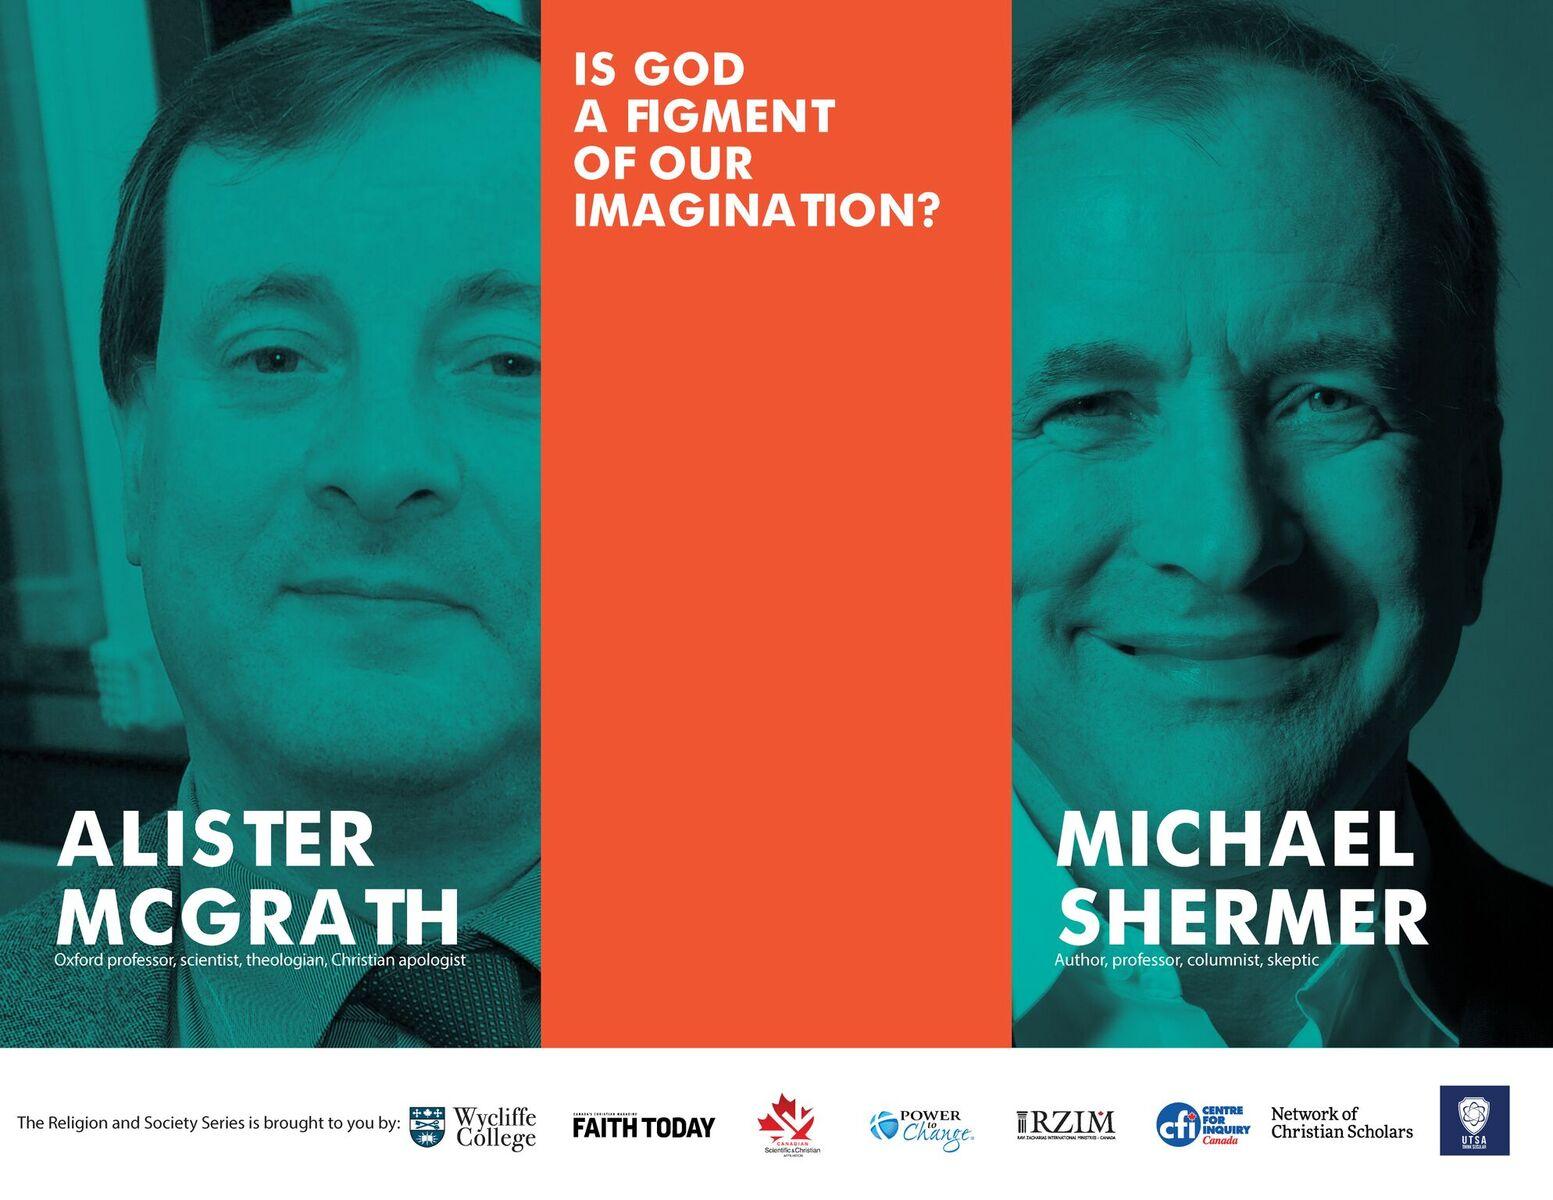 McGrath/Shermer Debate